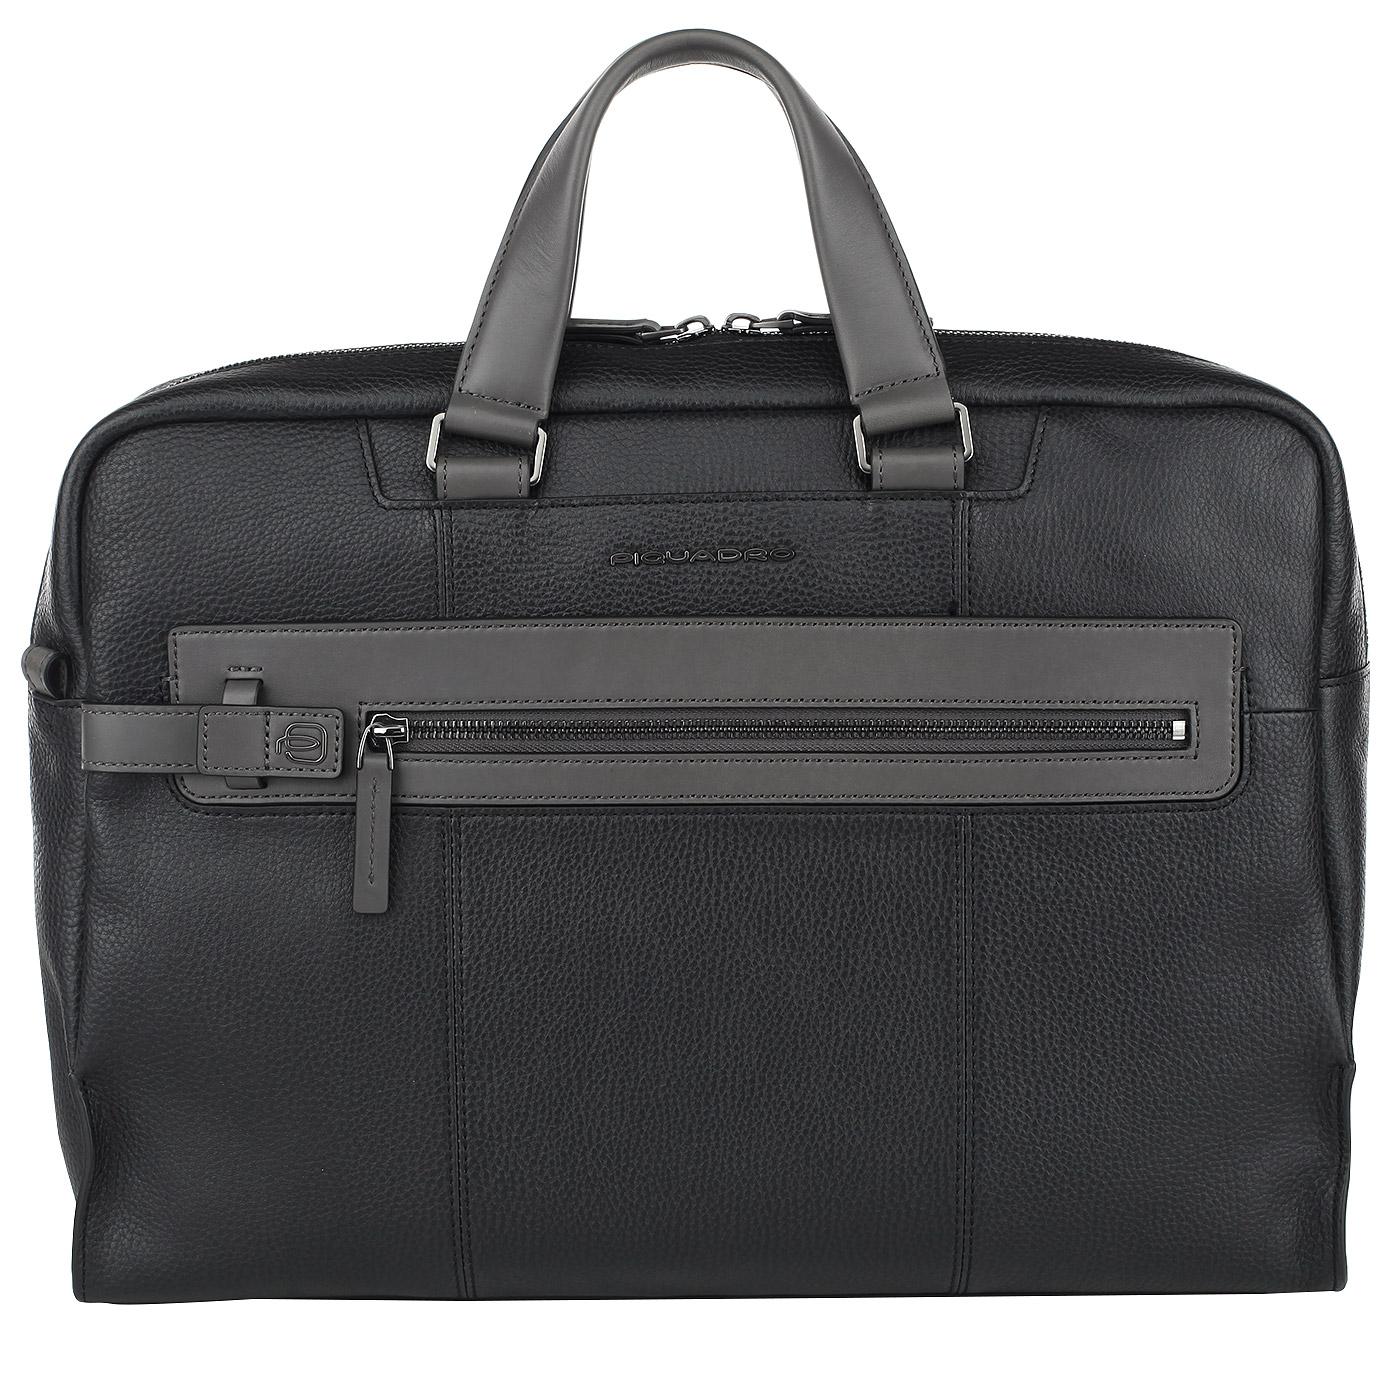 5ab4b34821d9 Вместительная деловая сумка из натуральной кожи Piquadro Scott ...